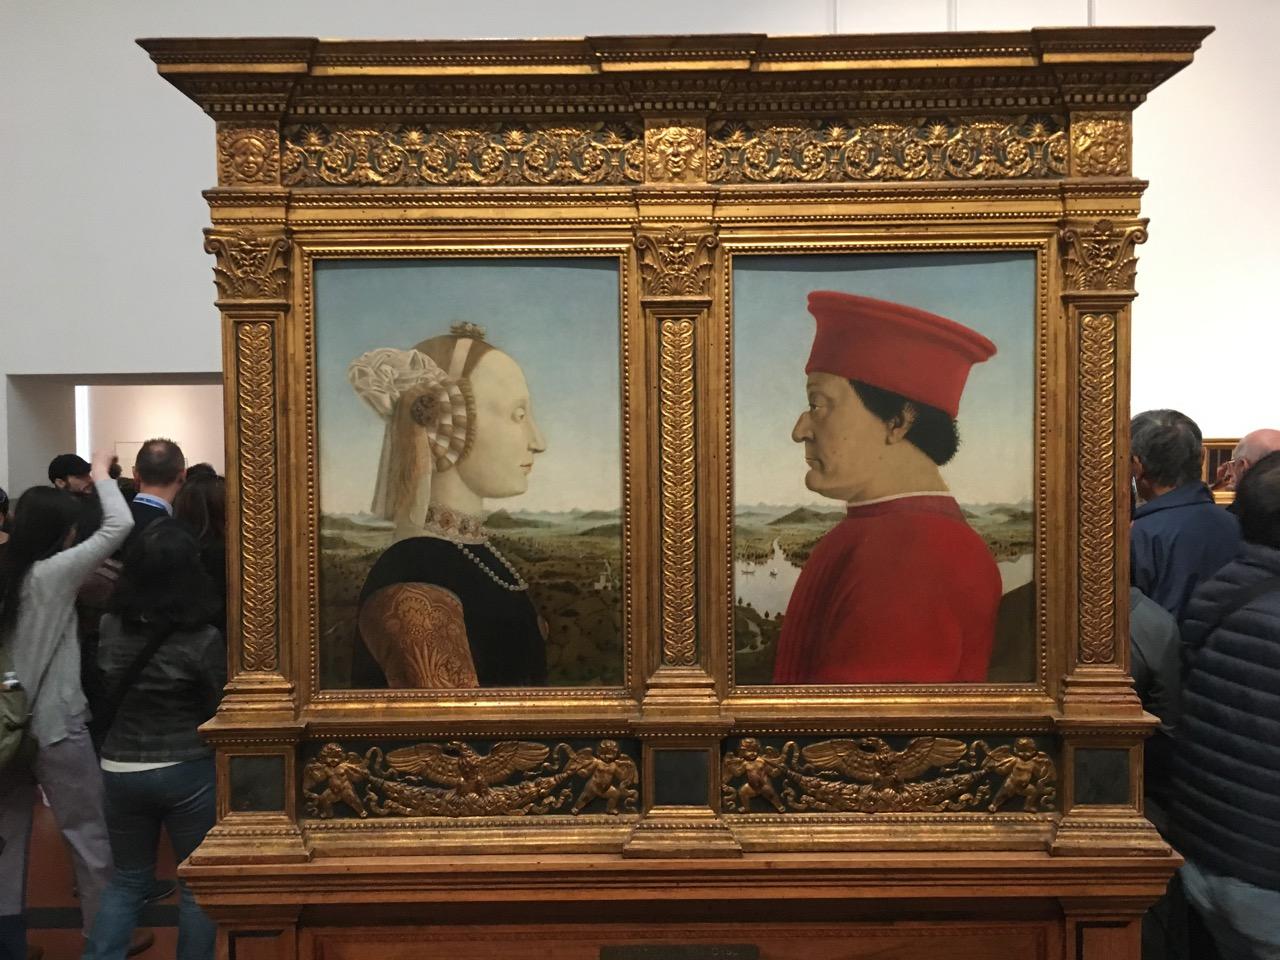 皮耶罗·德拉·弗朗切斯卡的《乌尔比诺公爵双联画》,1472